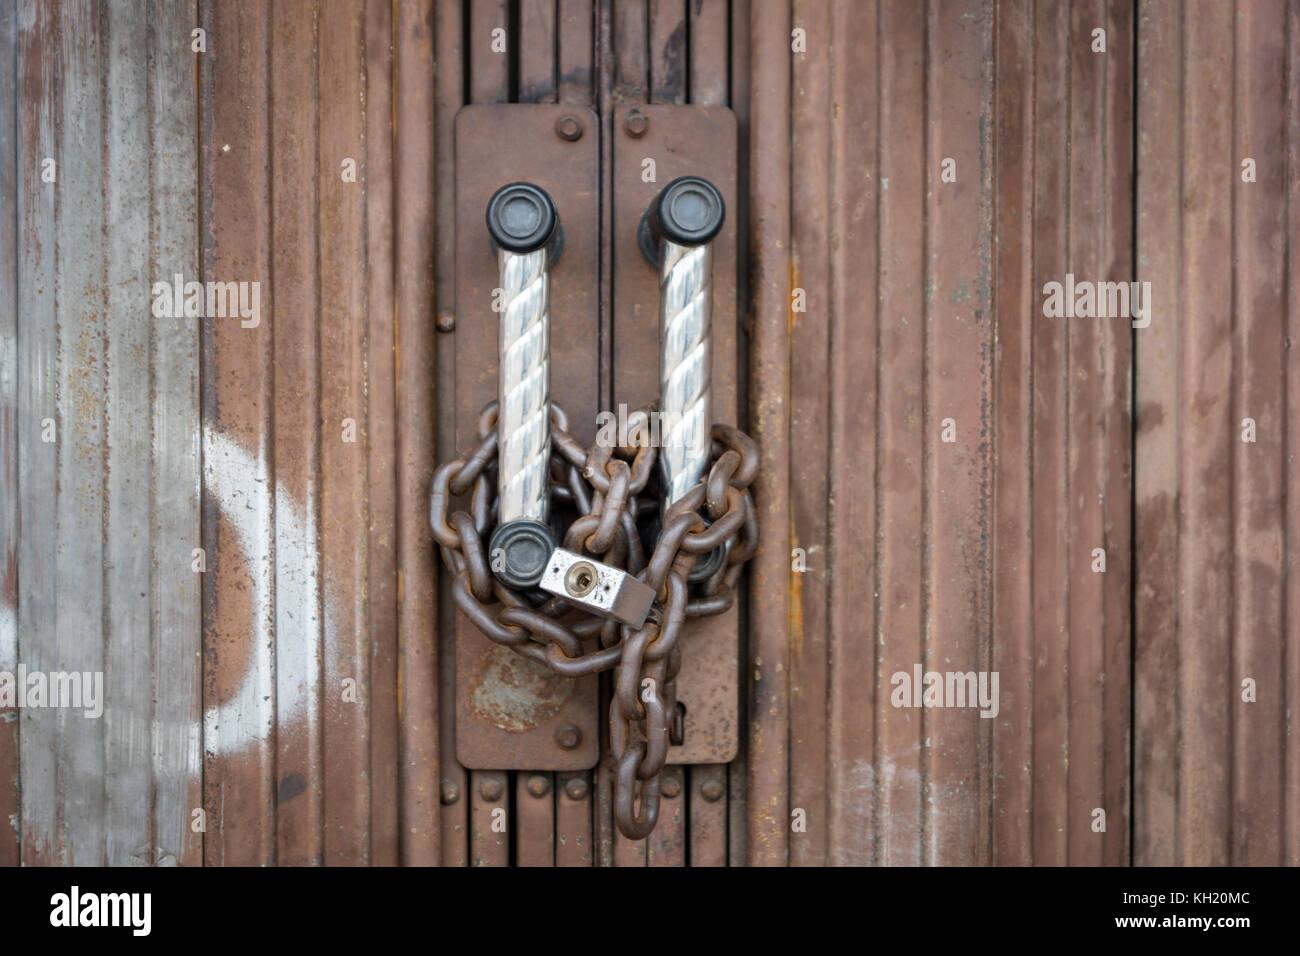 Vorhängeschloss und Kette sicher auf rostige Tür verschlossen. Stockbild